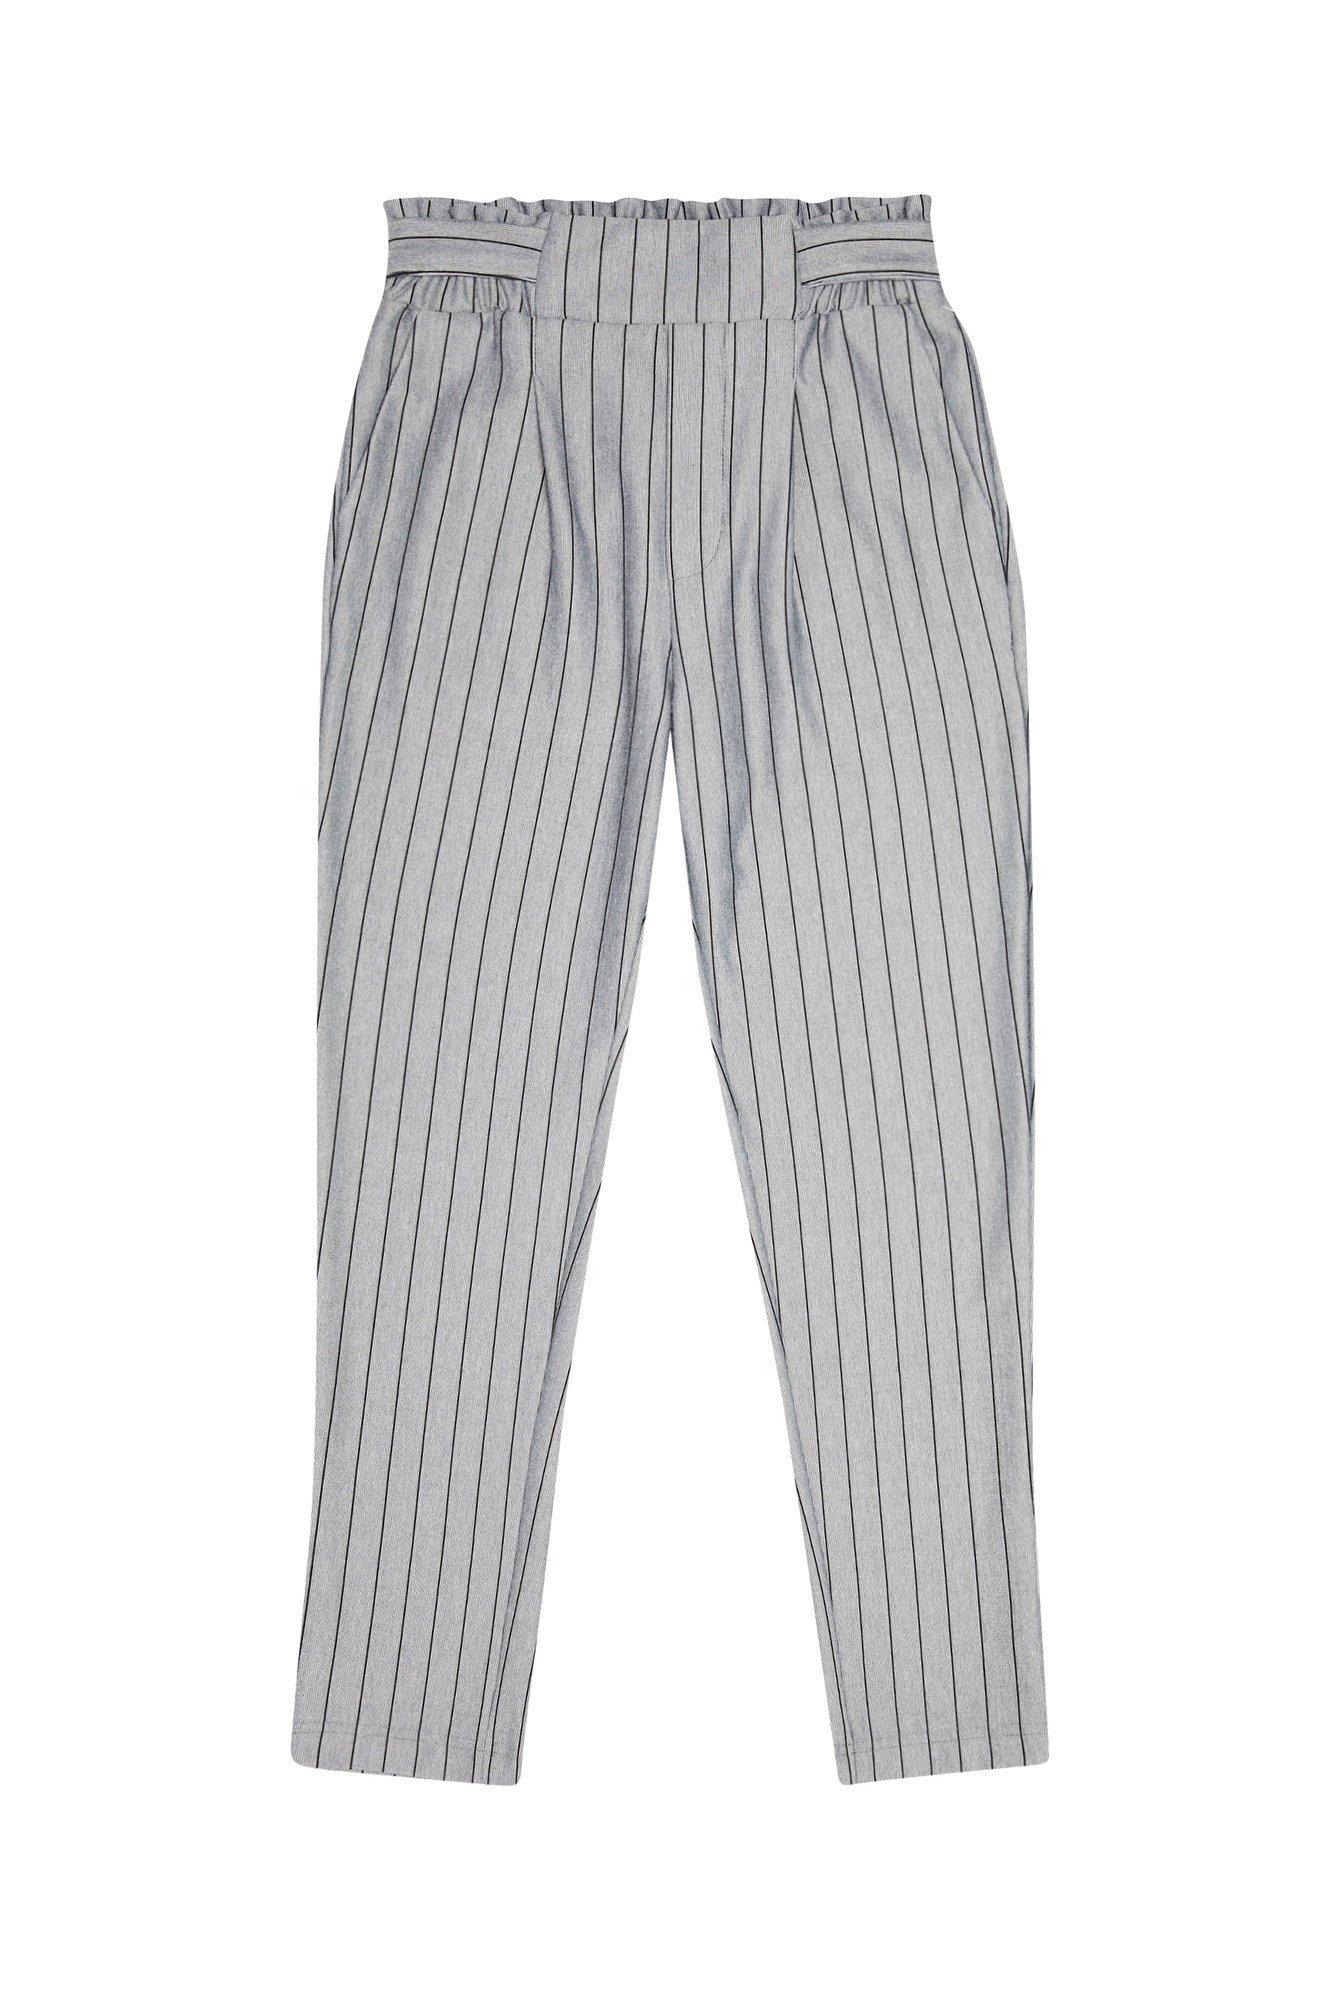 Luźne spodnie z marszczeniem i wiązaniem w pasie L SP 3103